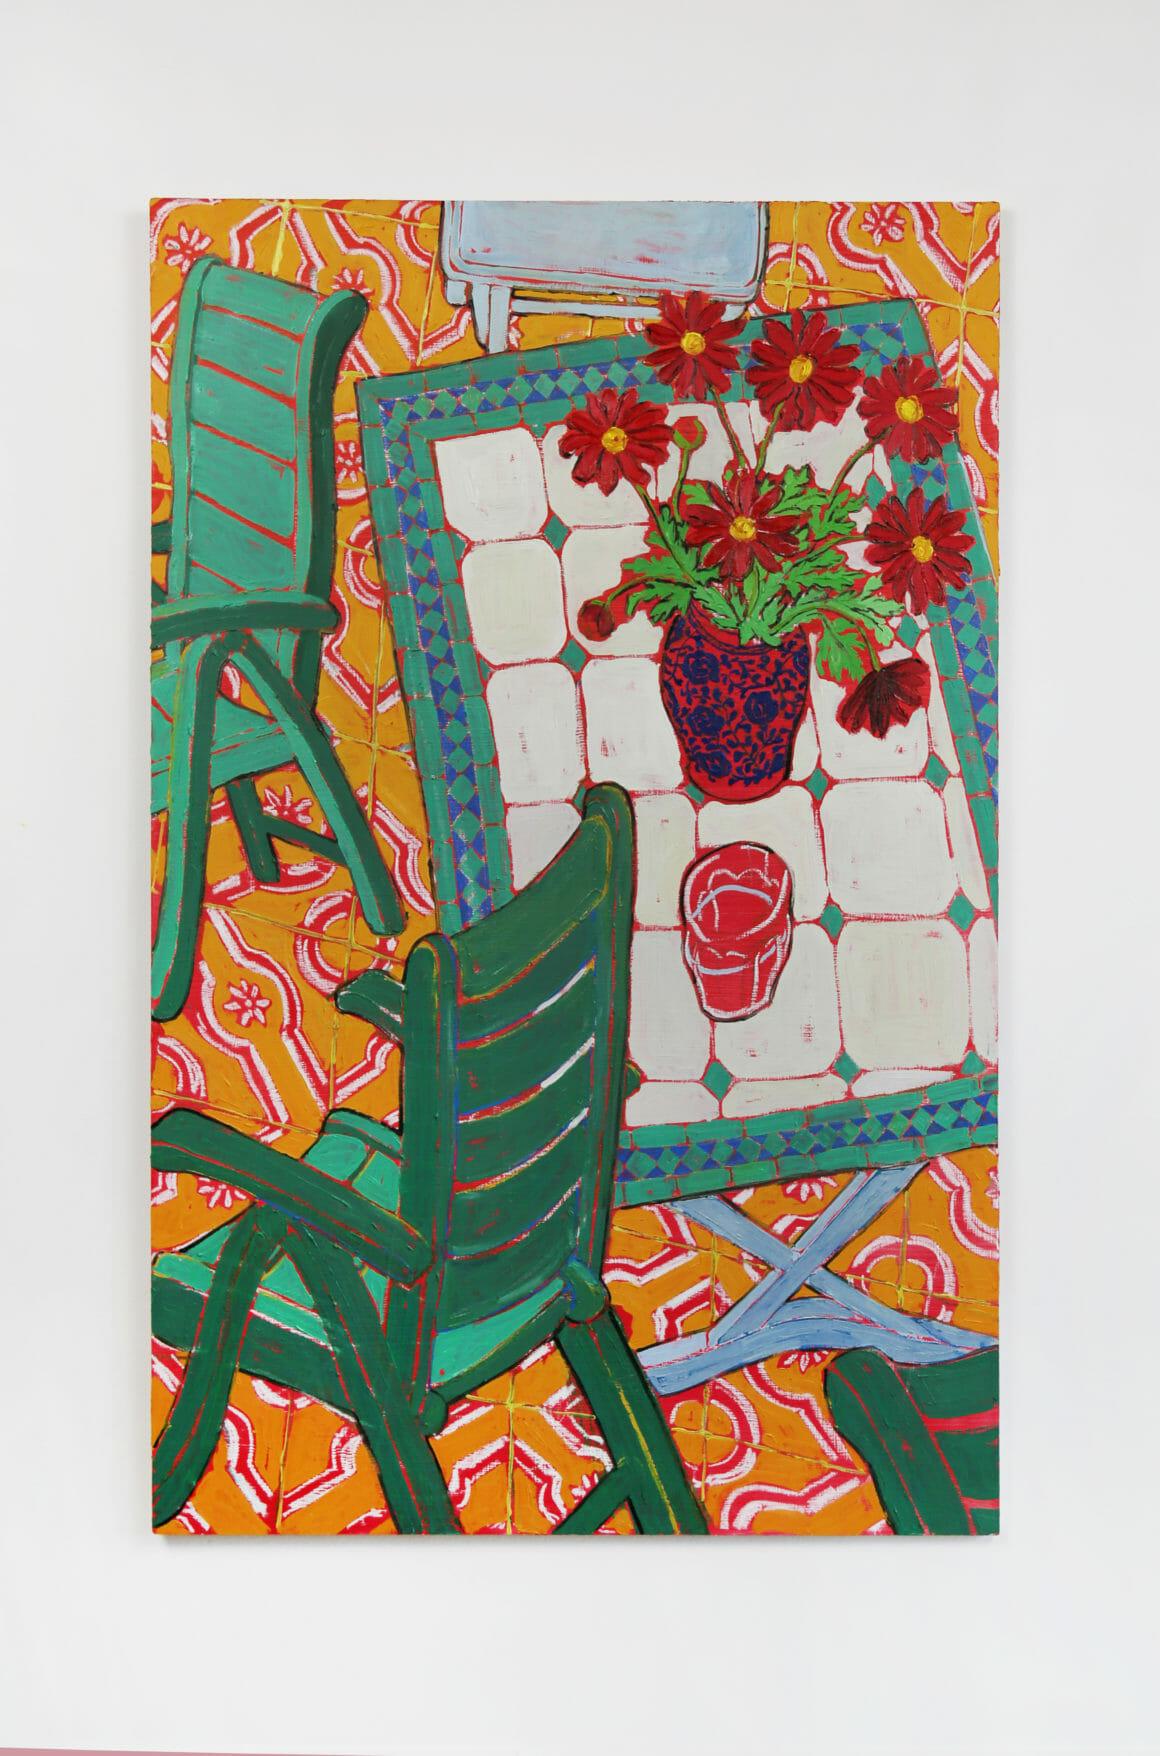 Peinture Miriam Dema chaises vertes et fleurs rouges